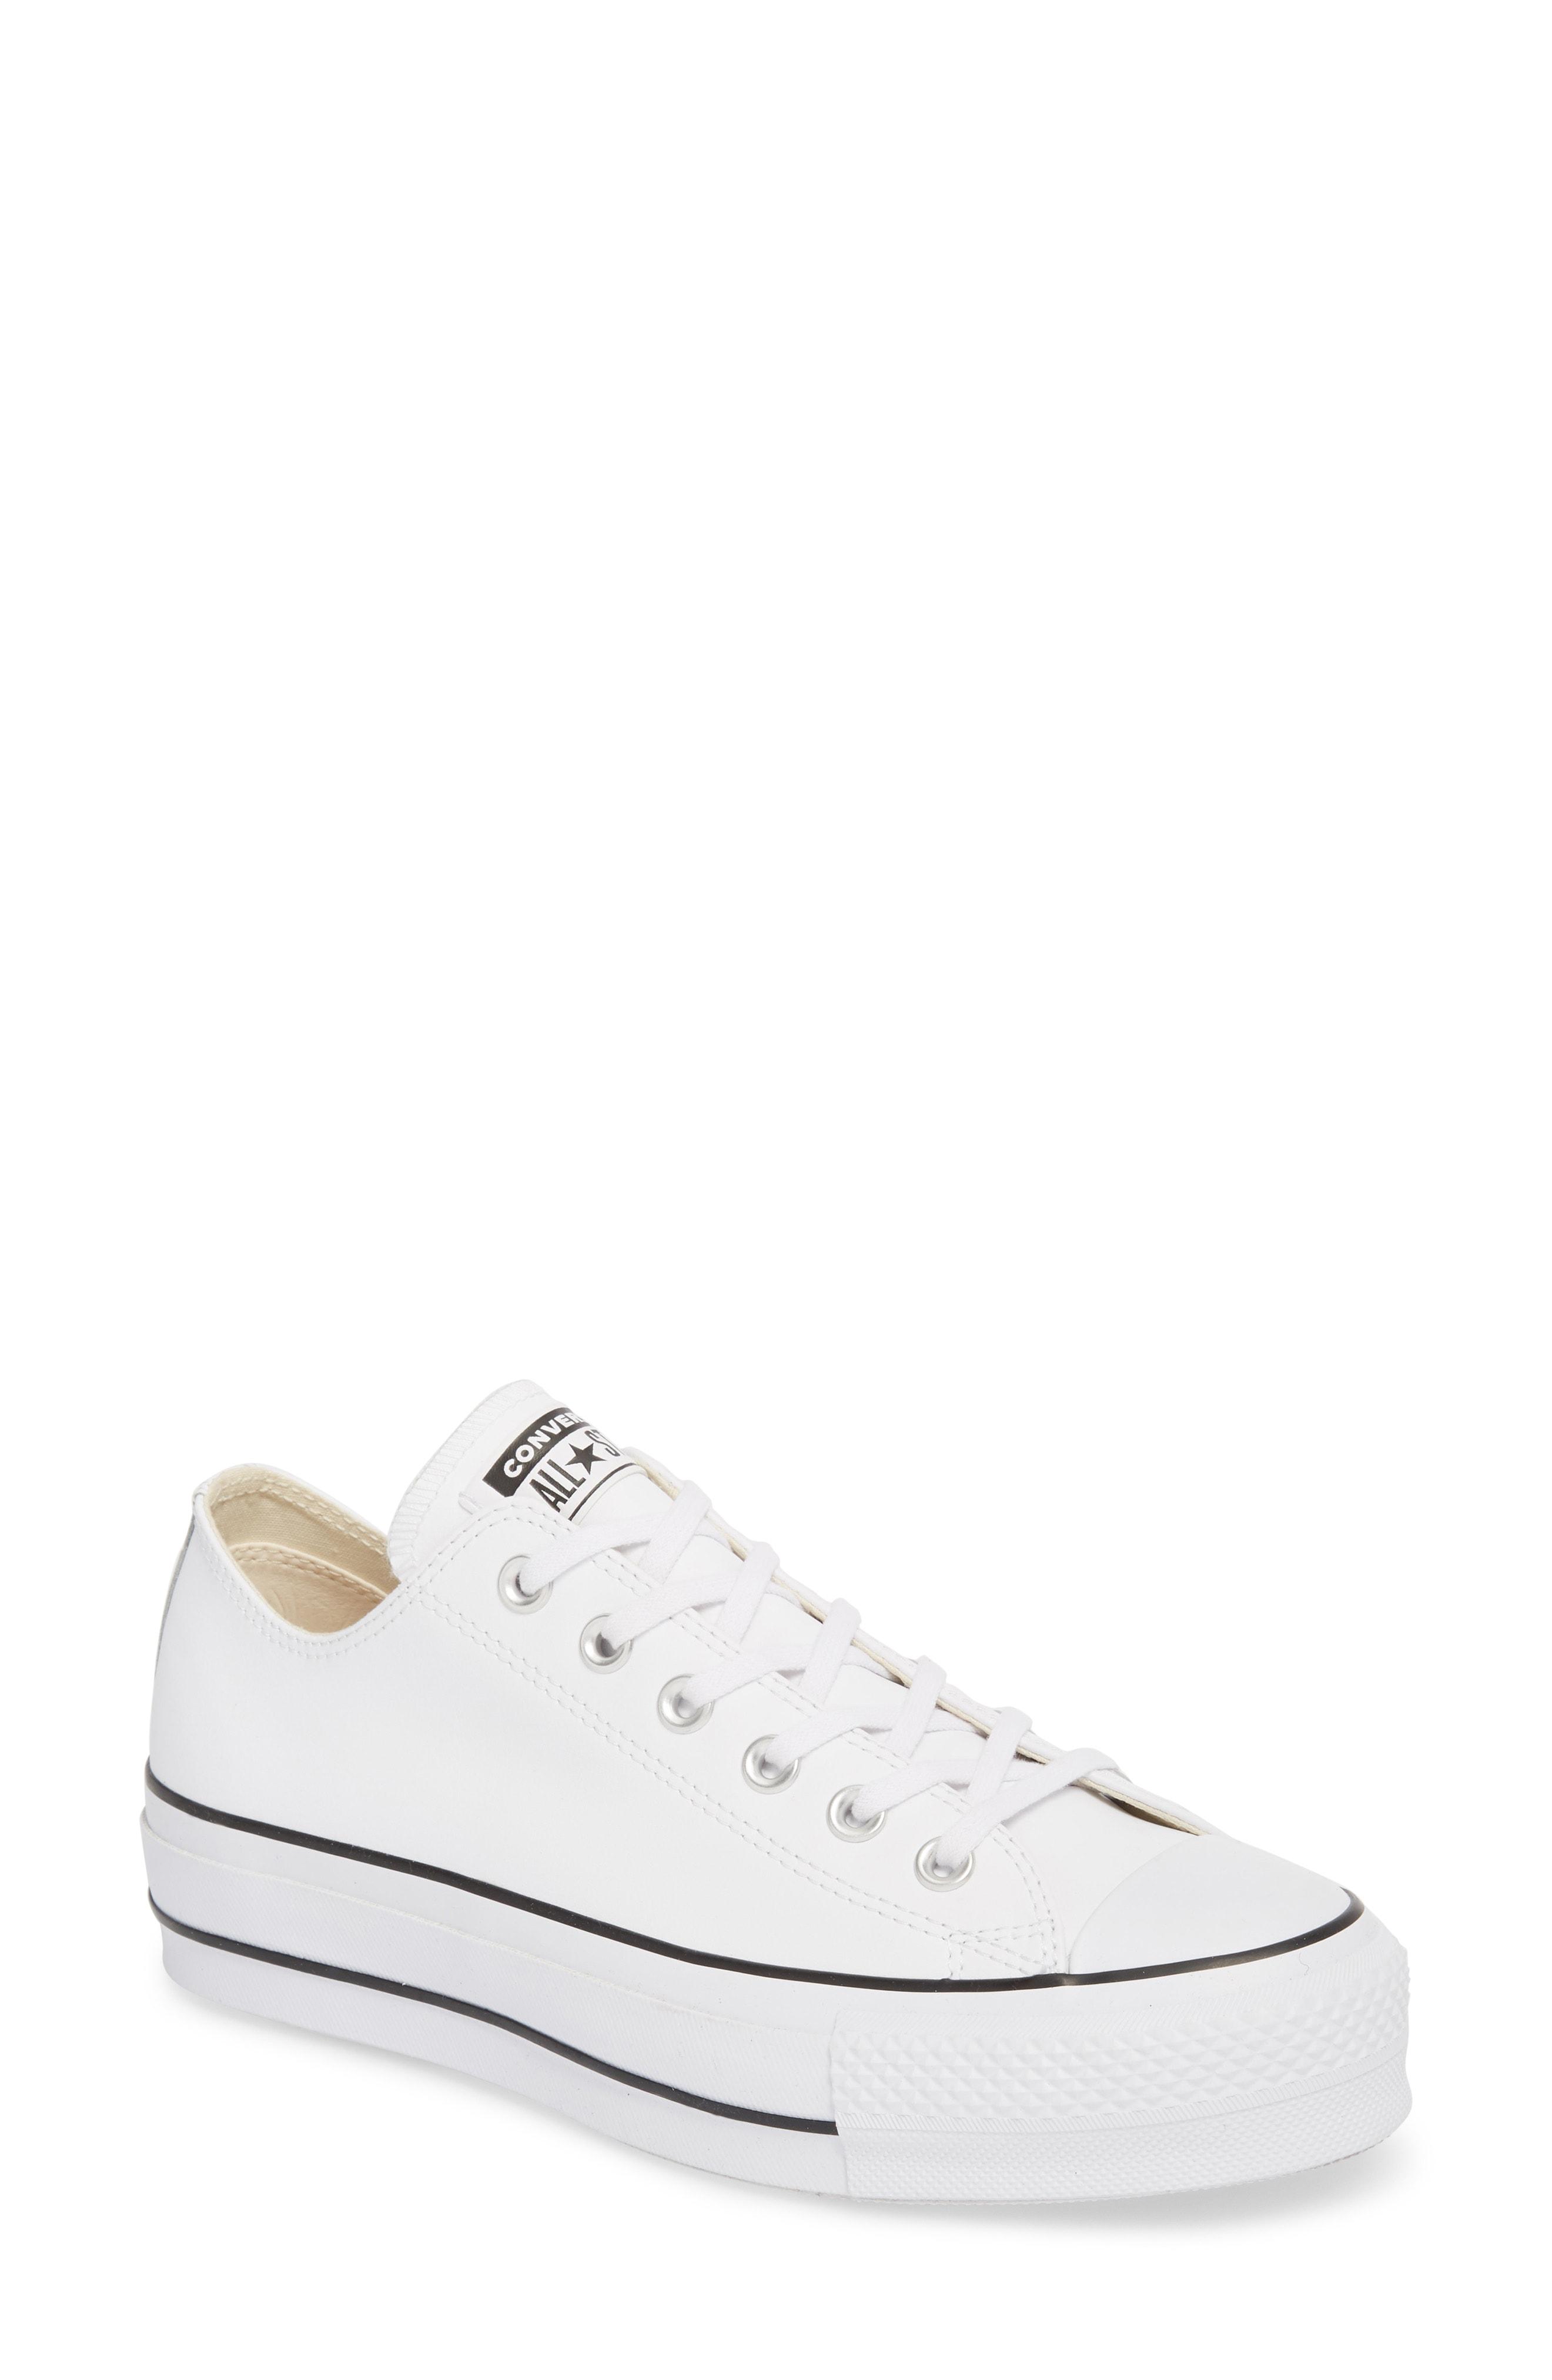 Converse Chuck Taylor All Star Platform Sneaker (Women)